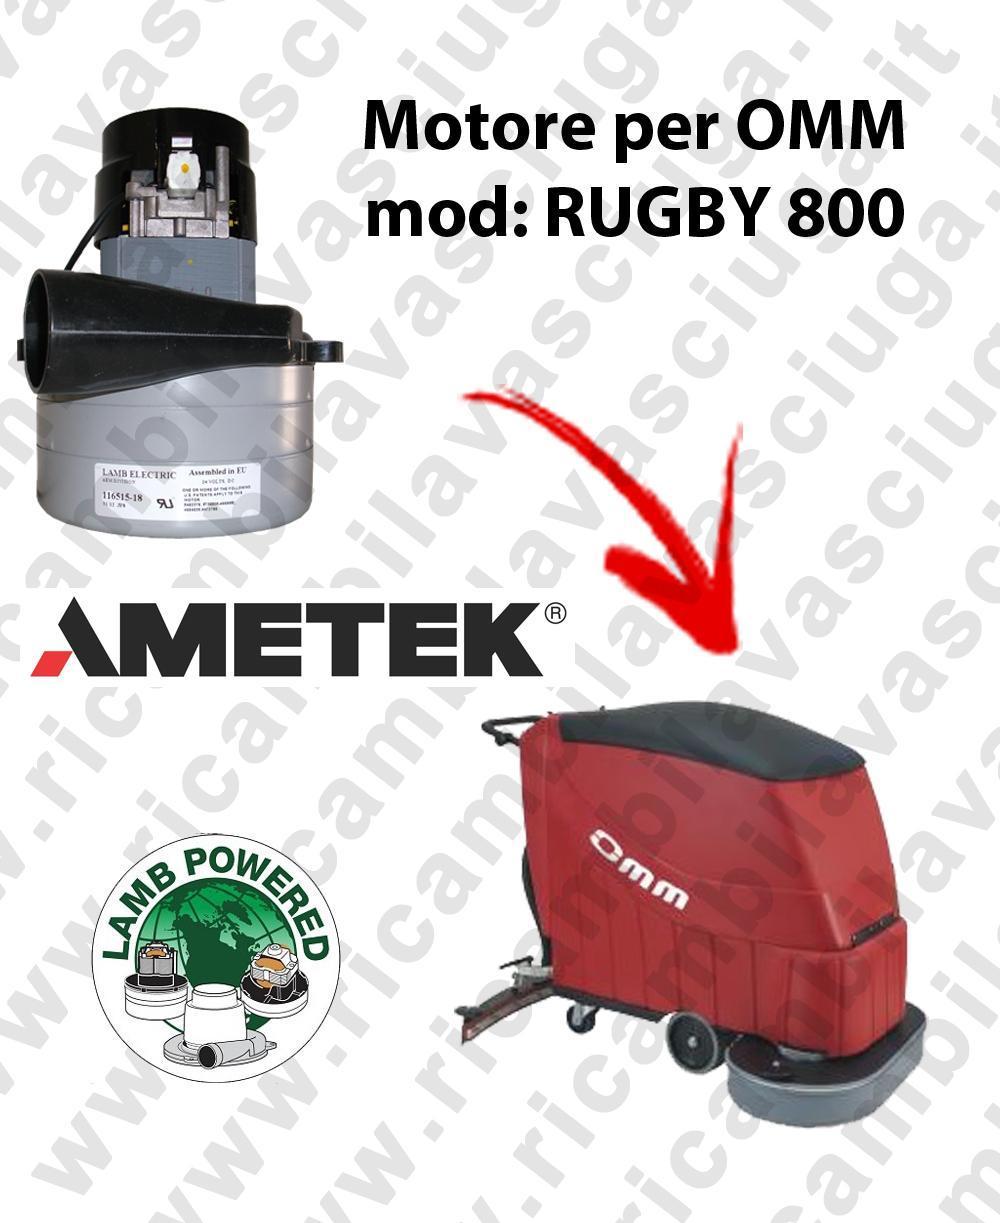 RUGBY 800 Saugmotor LAMB AMETEK für scheuersaugmaschinen OMM